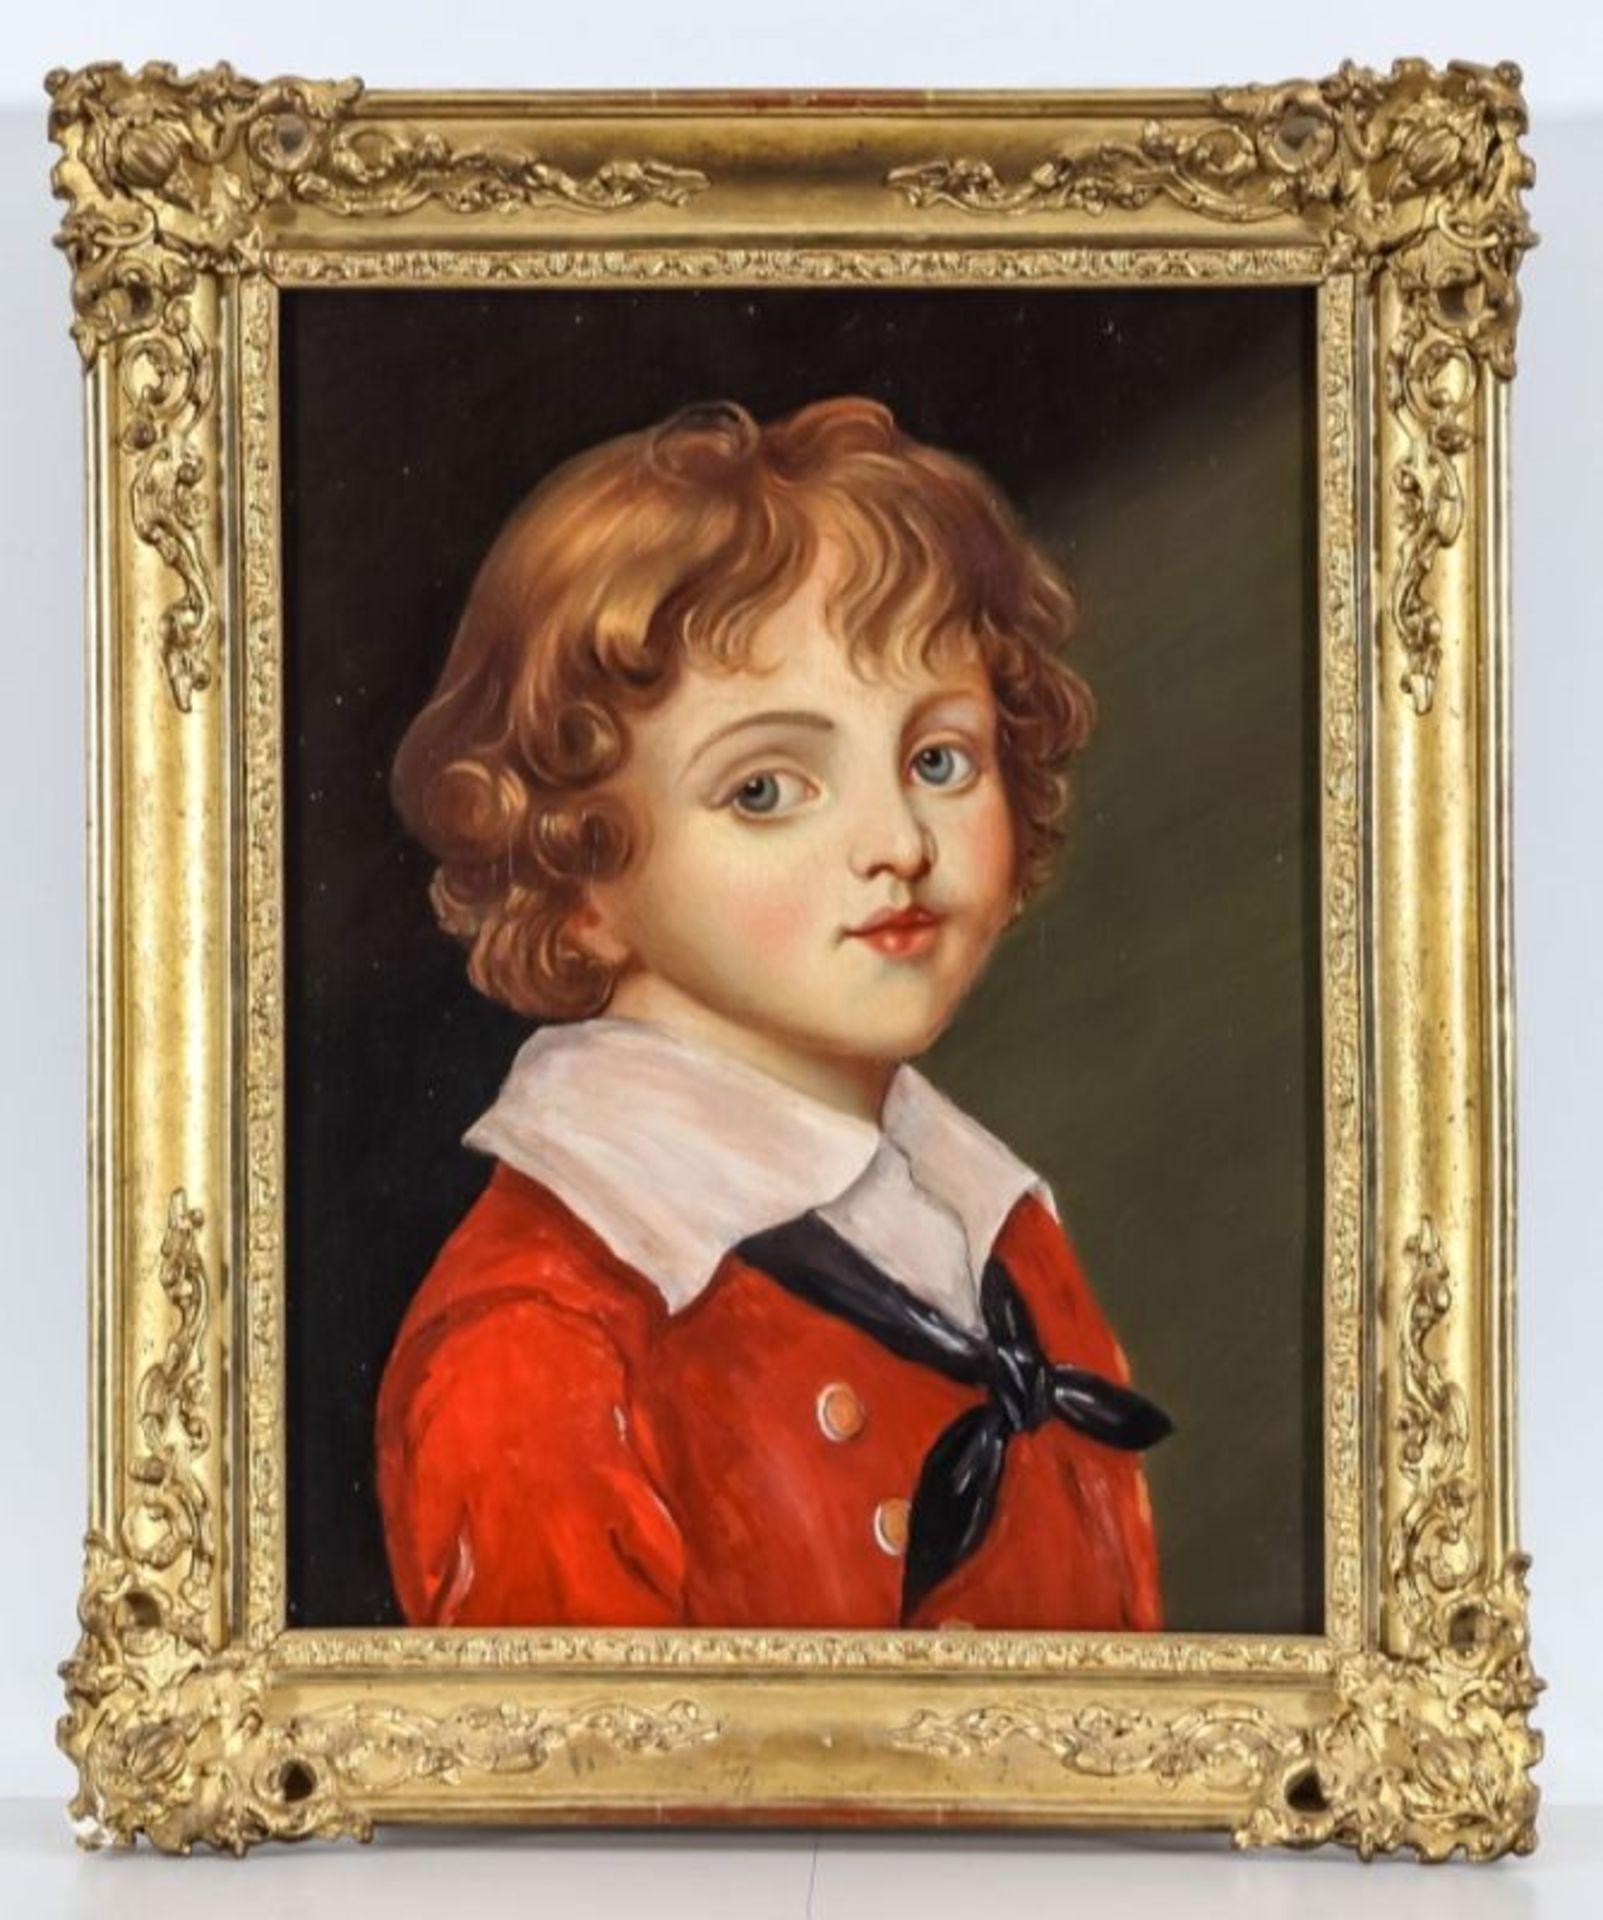 Künstler des 19. Jahrhunderts - Bild 3 aus 5